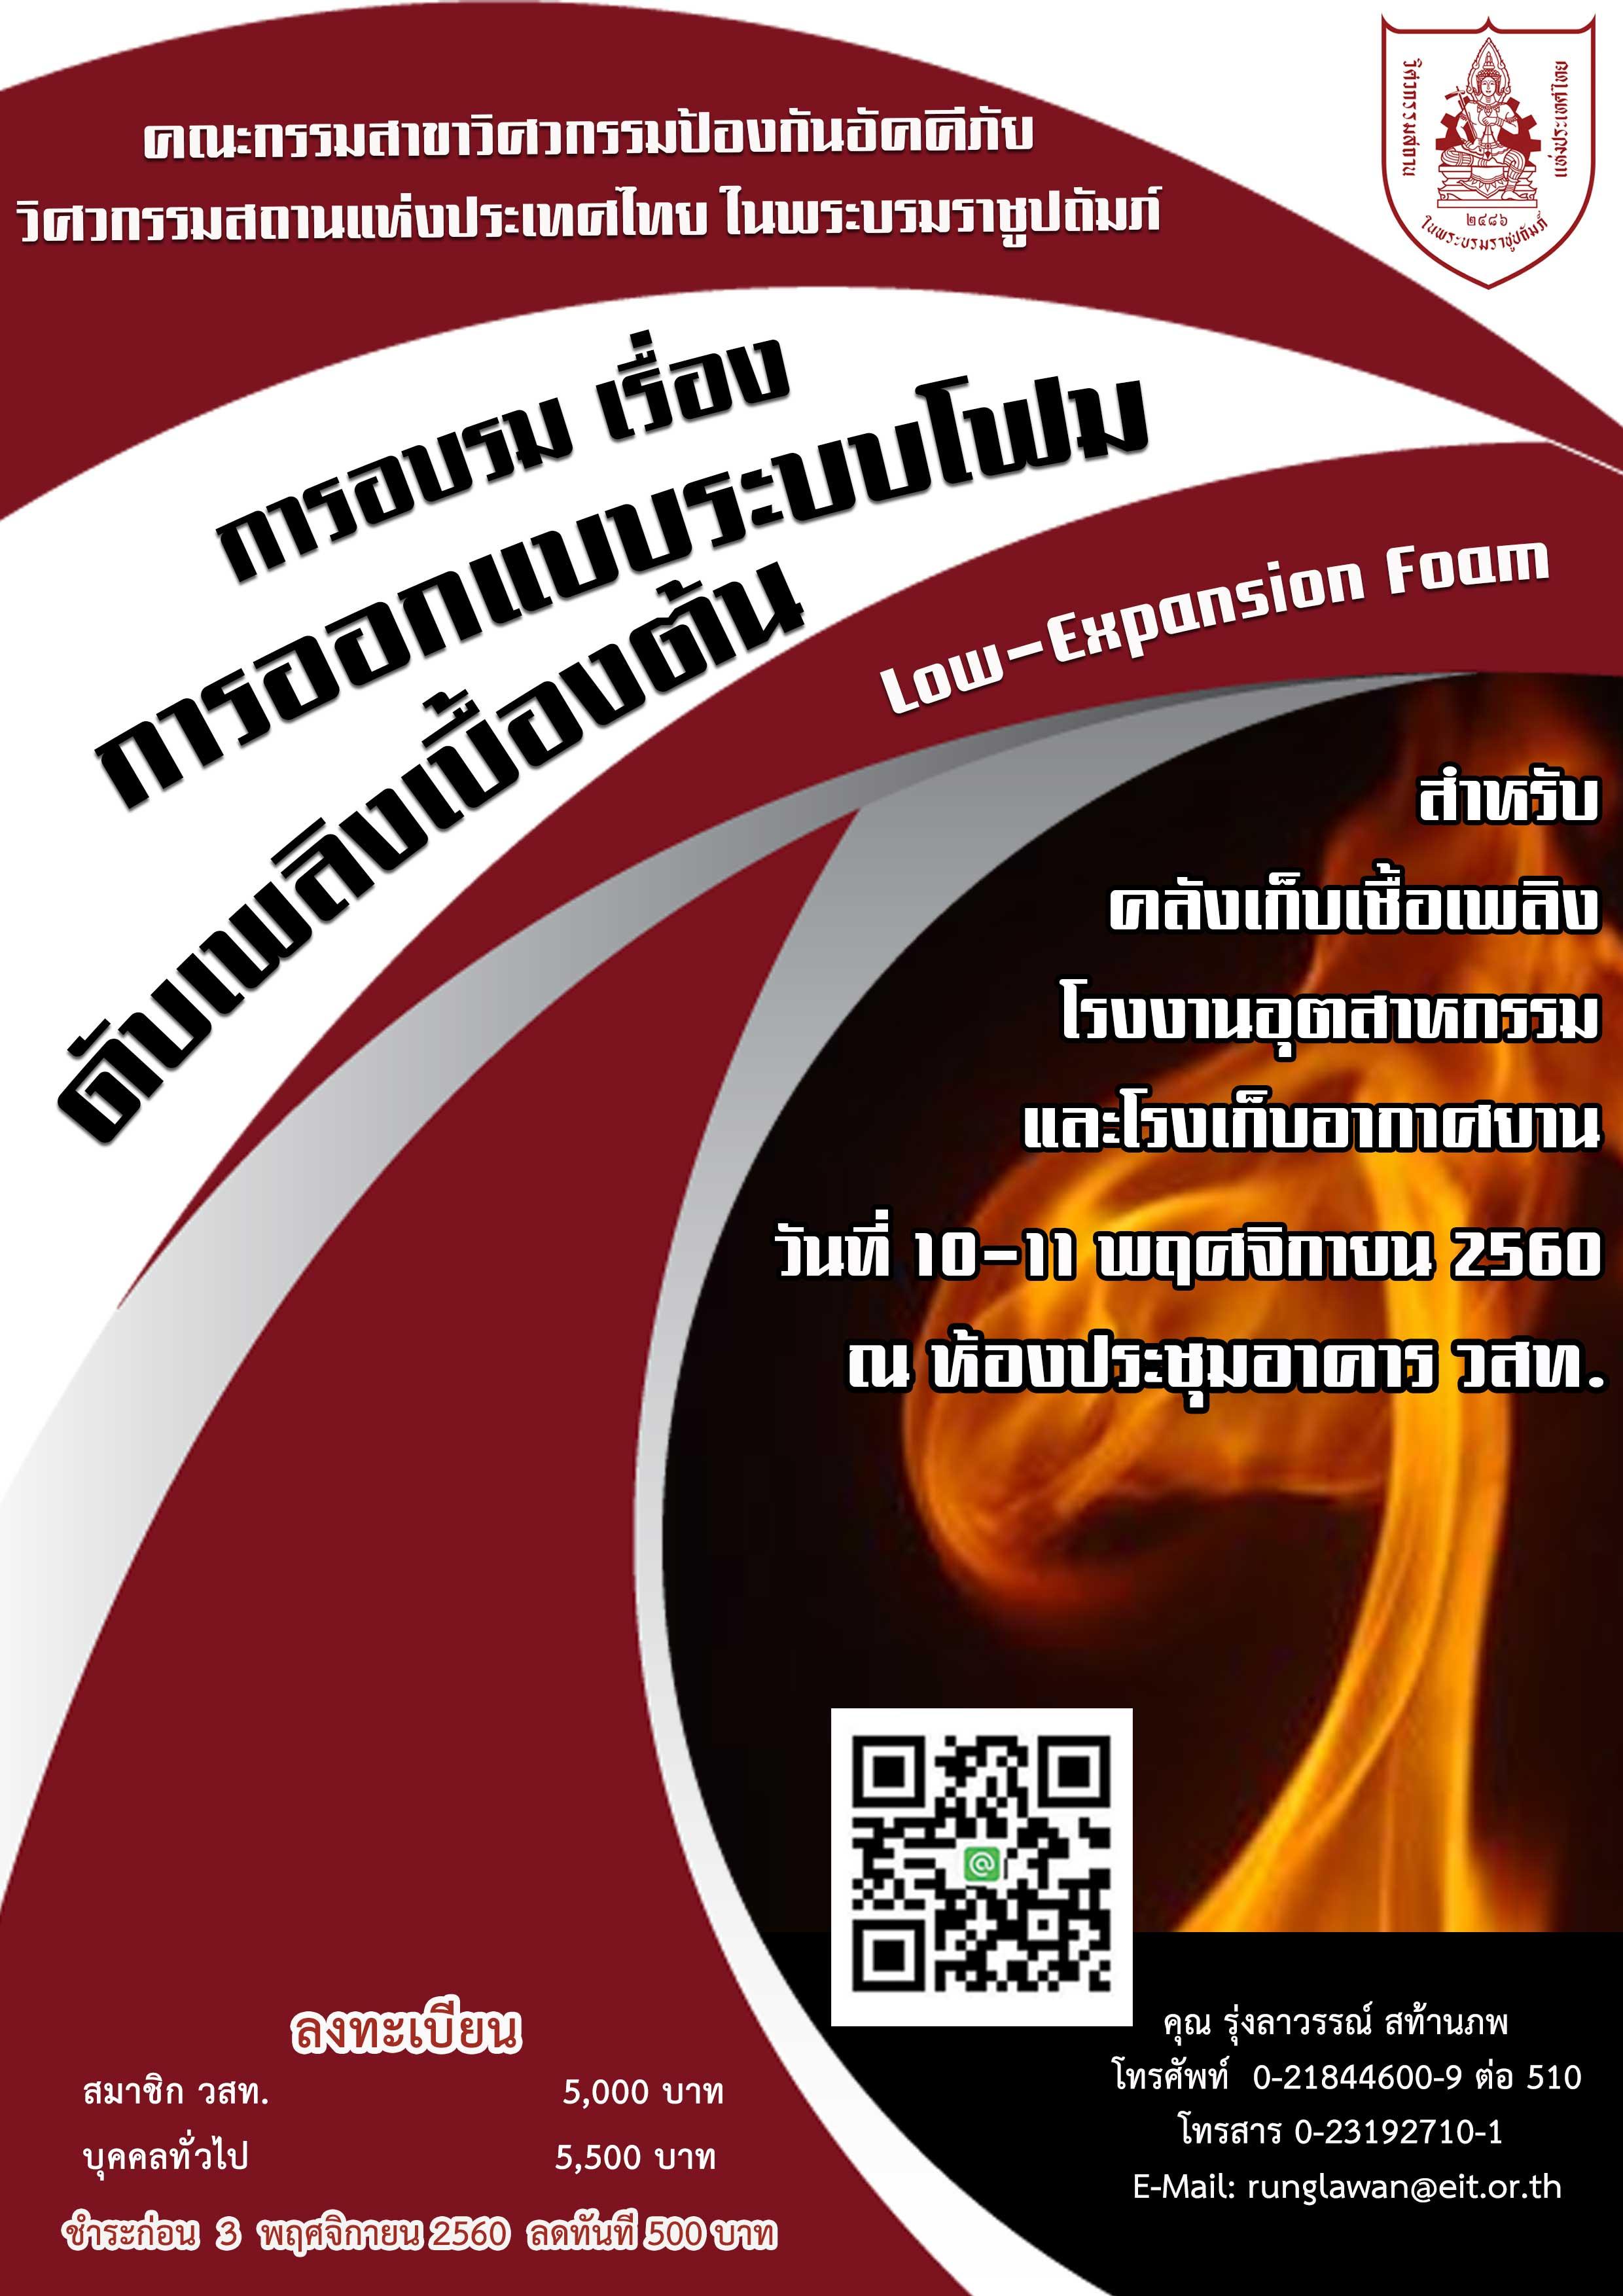 (แจ้งเลื่อนสัมมนา) 10-11/11/2560การออกแบบระบบโฟมดับเพลิงเบื้องต้น  Low-Expansion Foam สำหรับ คลังเก็บเชื้อเพลิง โรงงานอุตสาหกรรม และโรงเก็บอากาศยาน